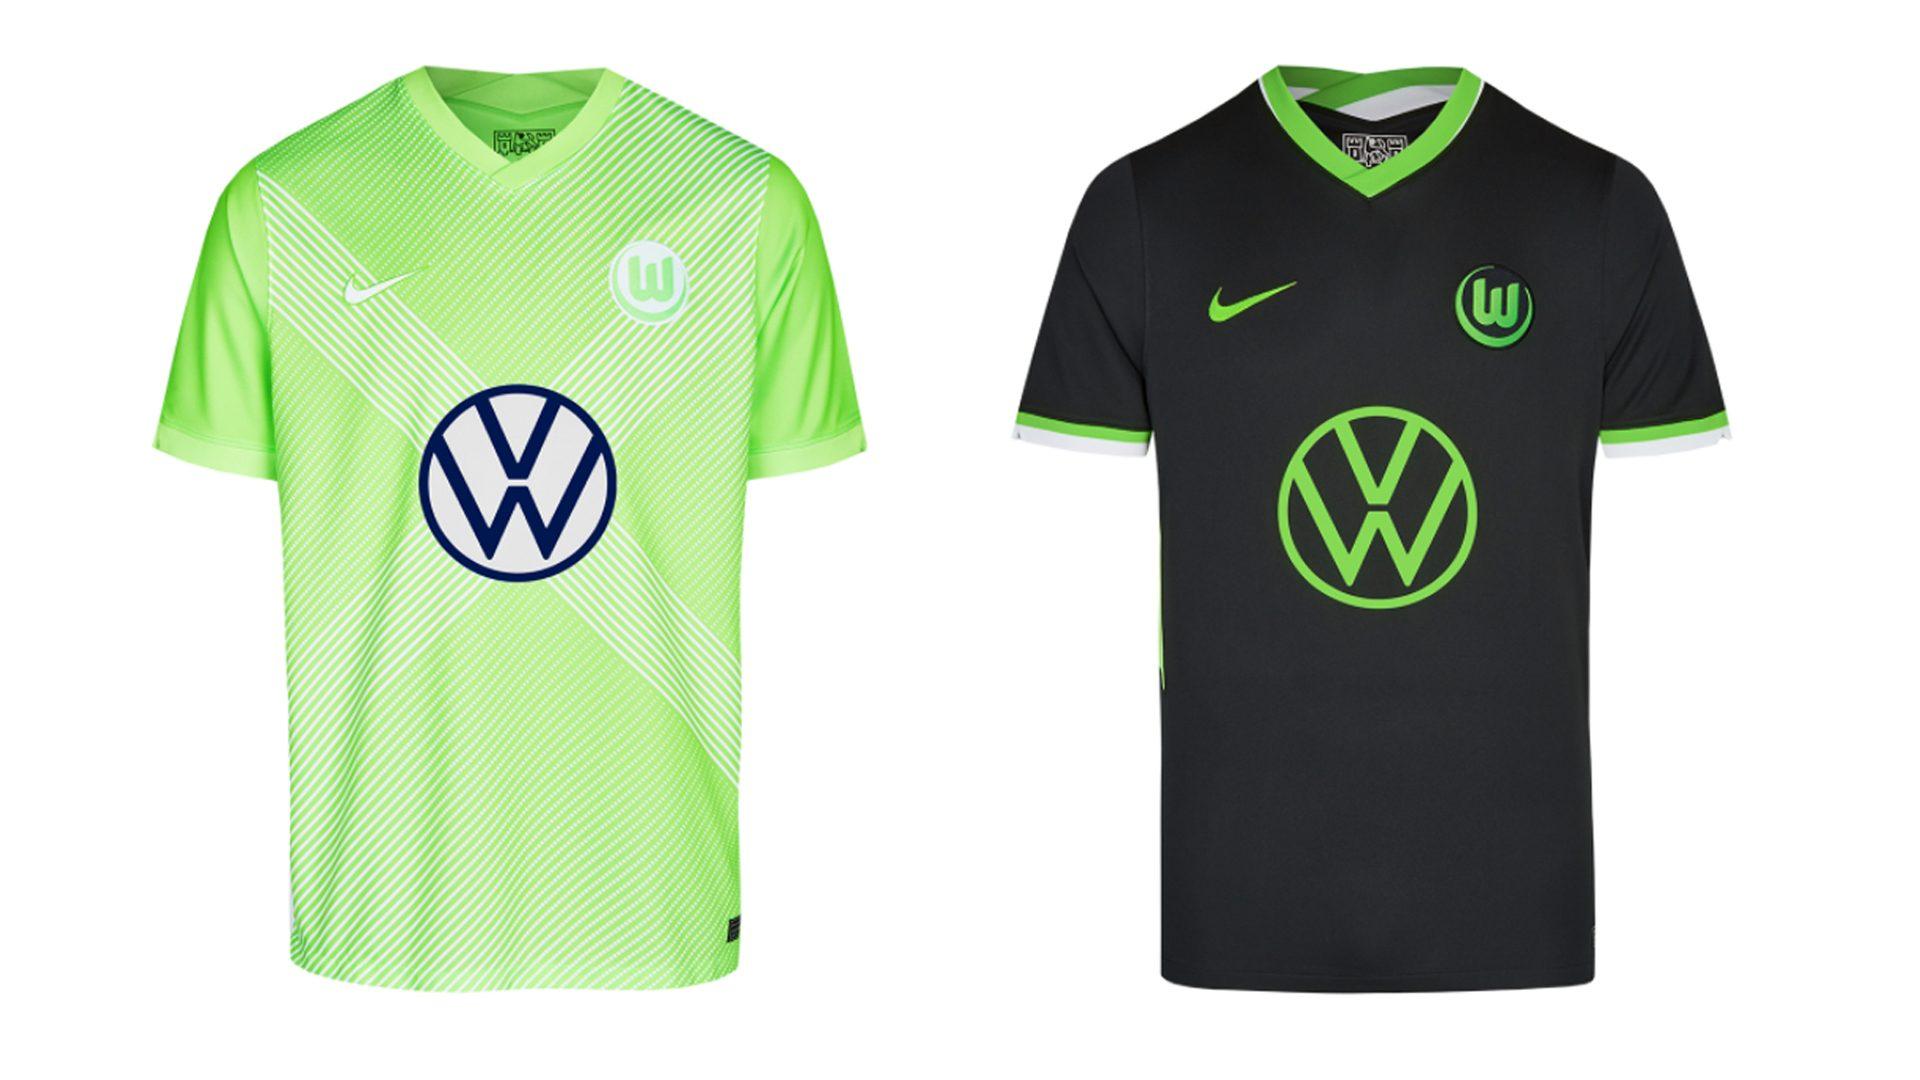 Nueva indumentaria local y visitante VfL Wolfsburg